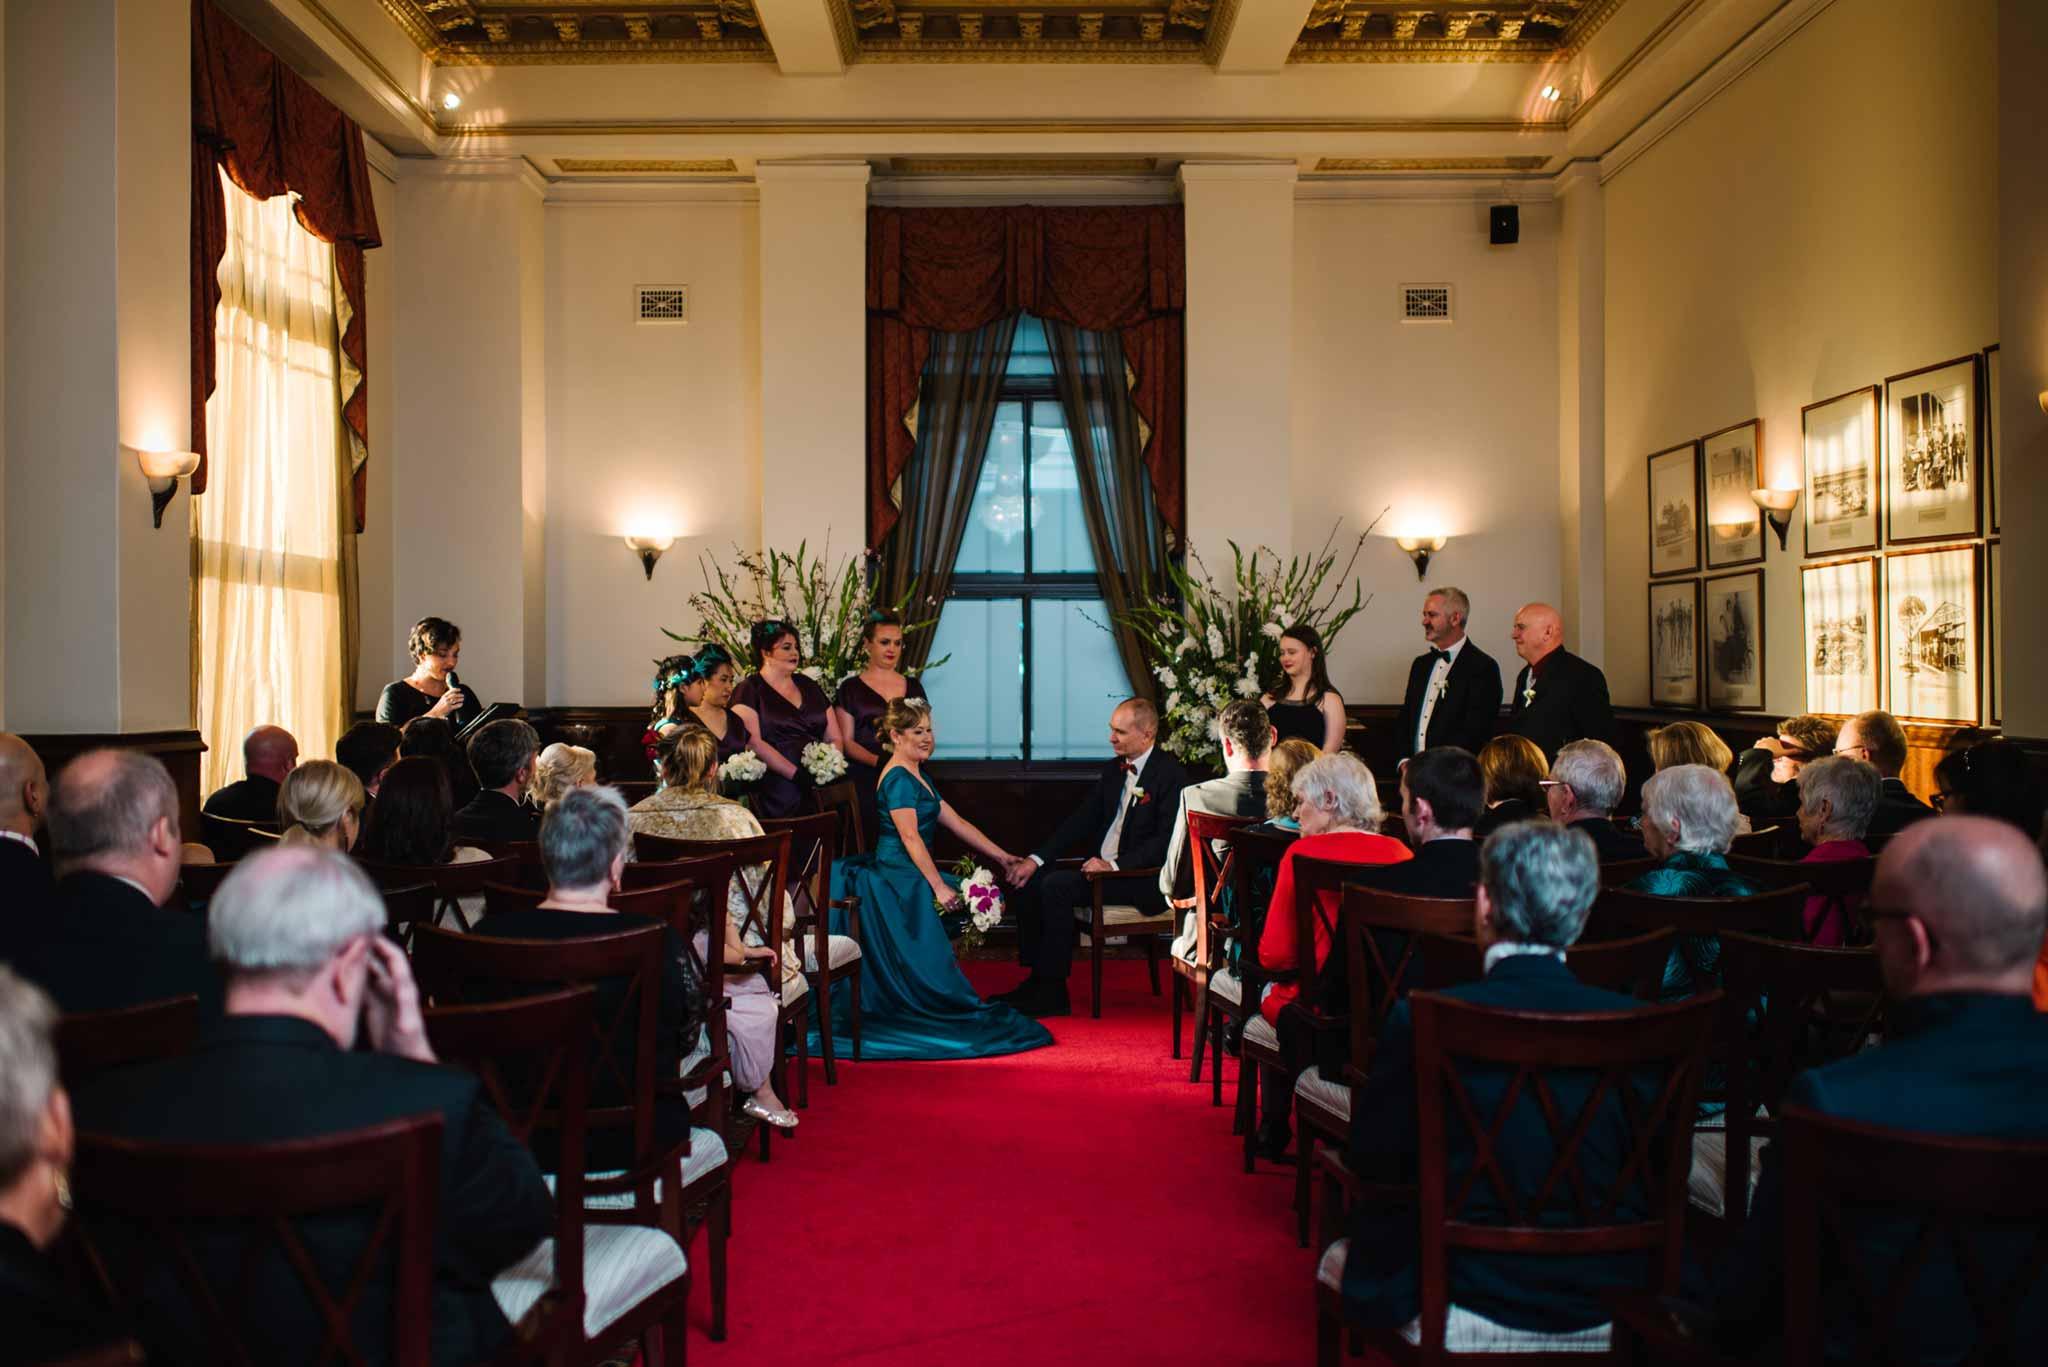 Royal-automobile-club-wedding-003.jpg